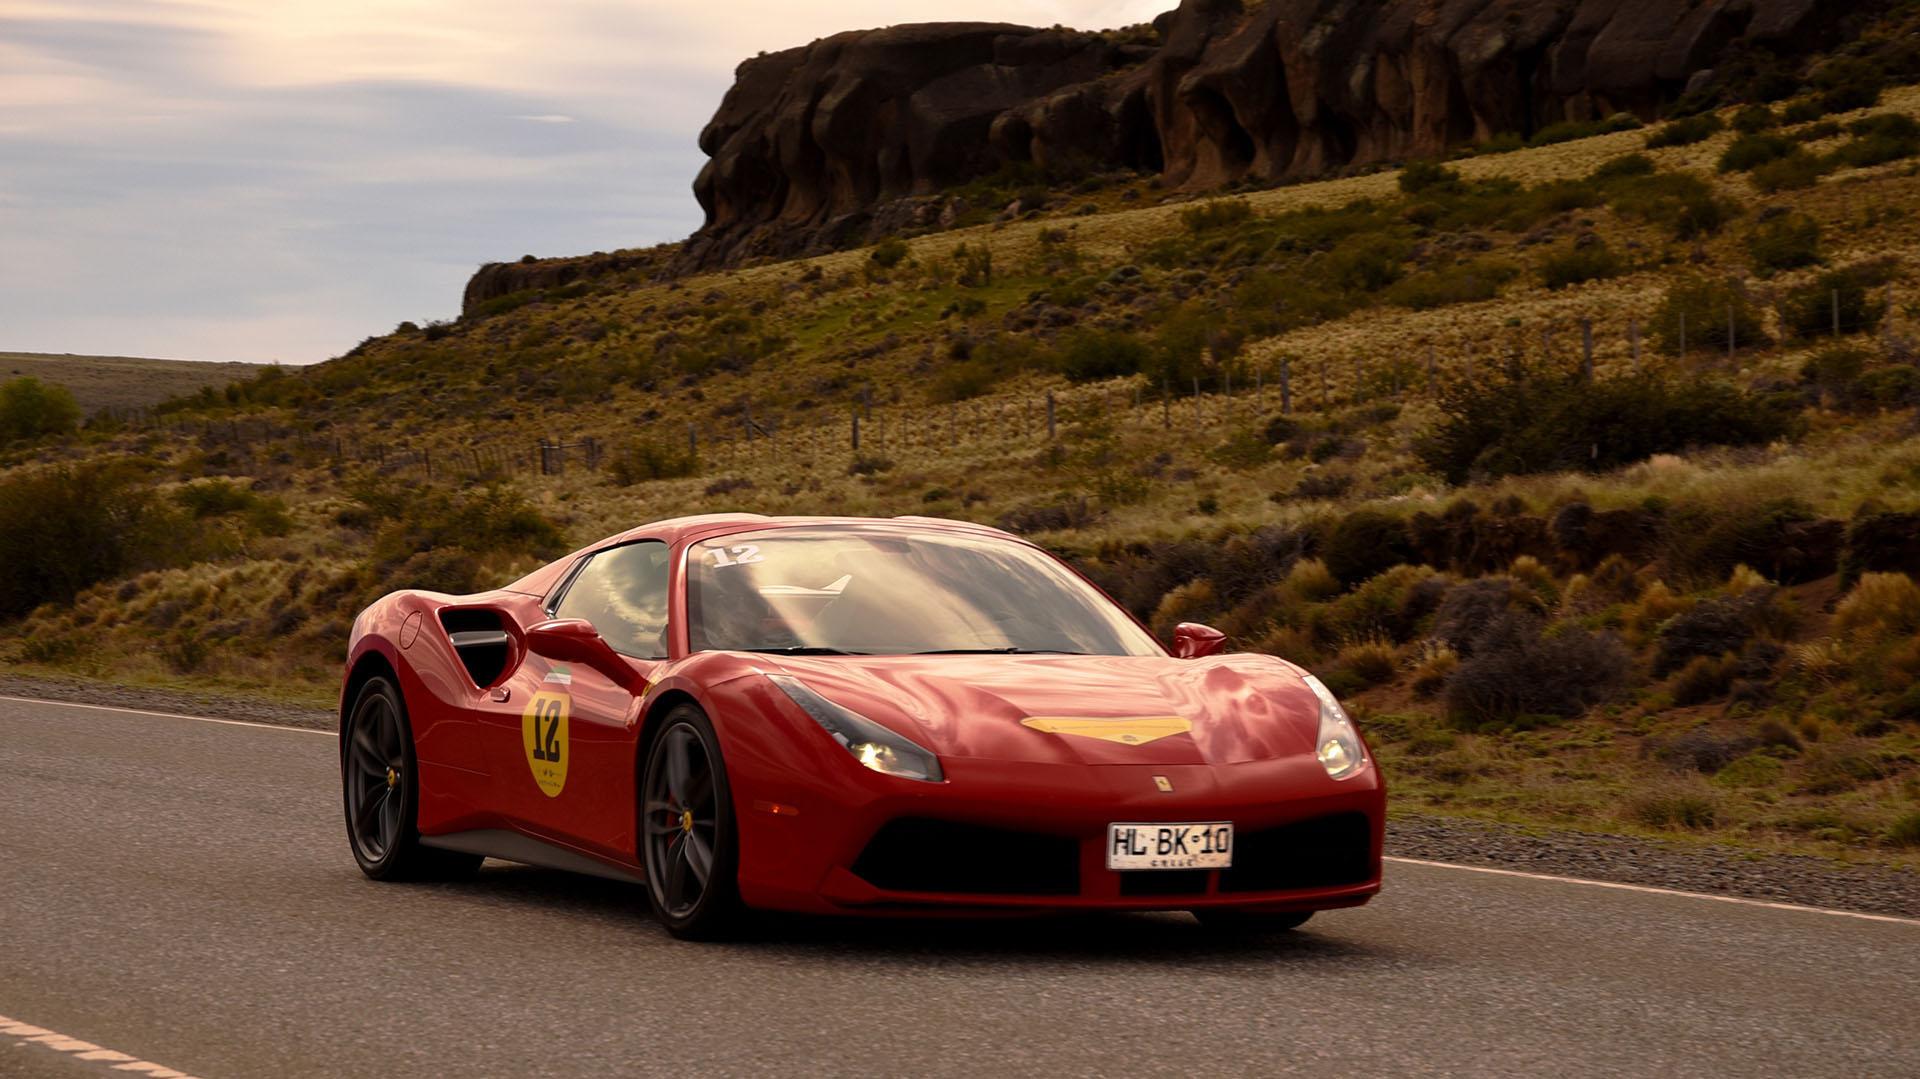 Un Ferrari488 GTB: fue el comienzo de una nueva era en la marca. Suposo el fin de los motores atmosféricos y elinicio de un tiempoconmotores V8 sobrealimentados. Significó, a su vez, la evolución y actualización del mítico 458 Italia